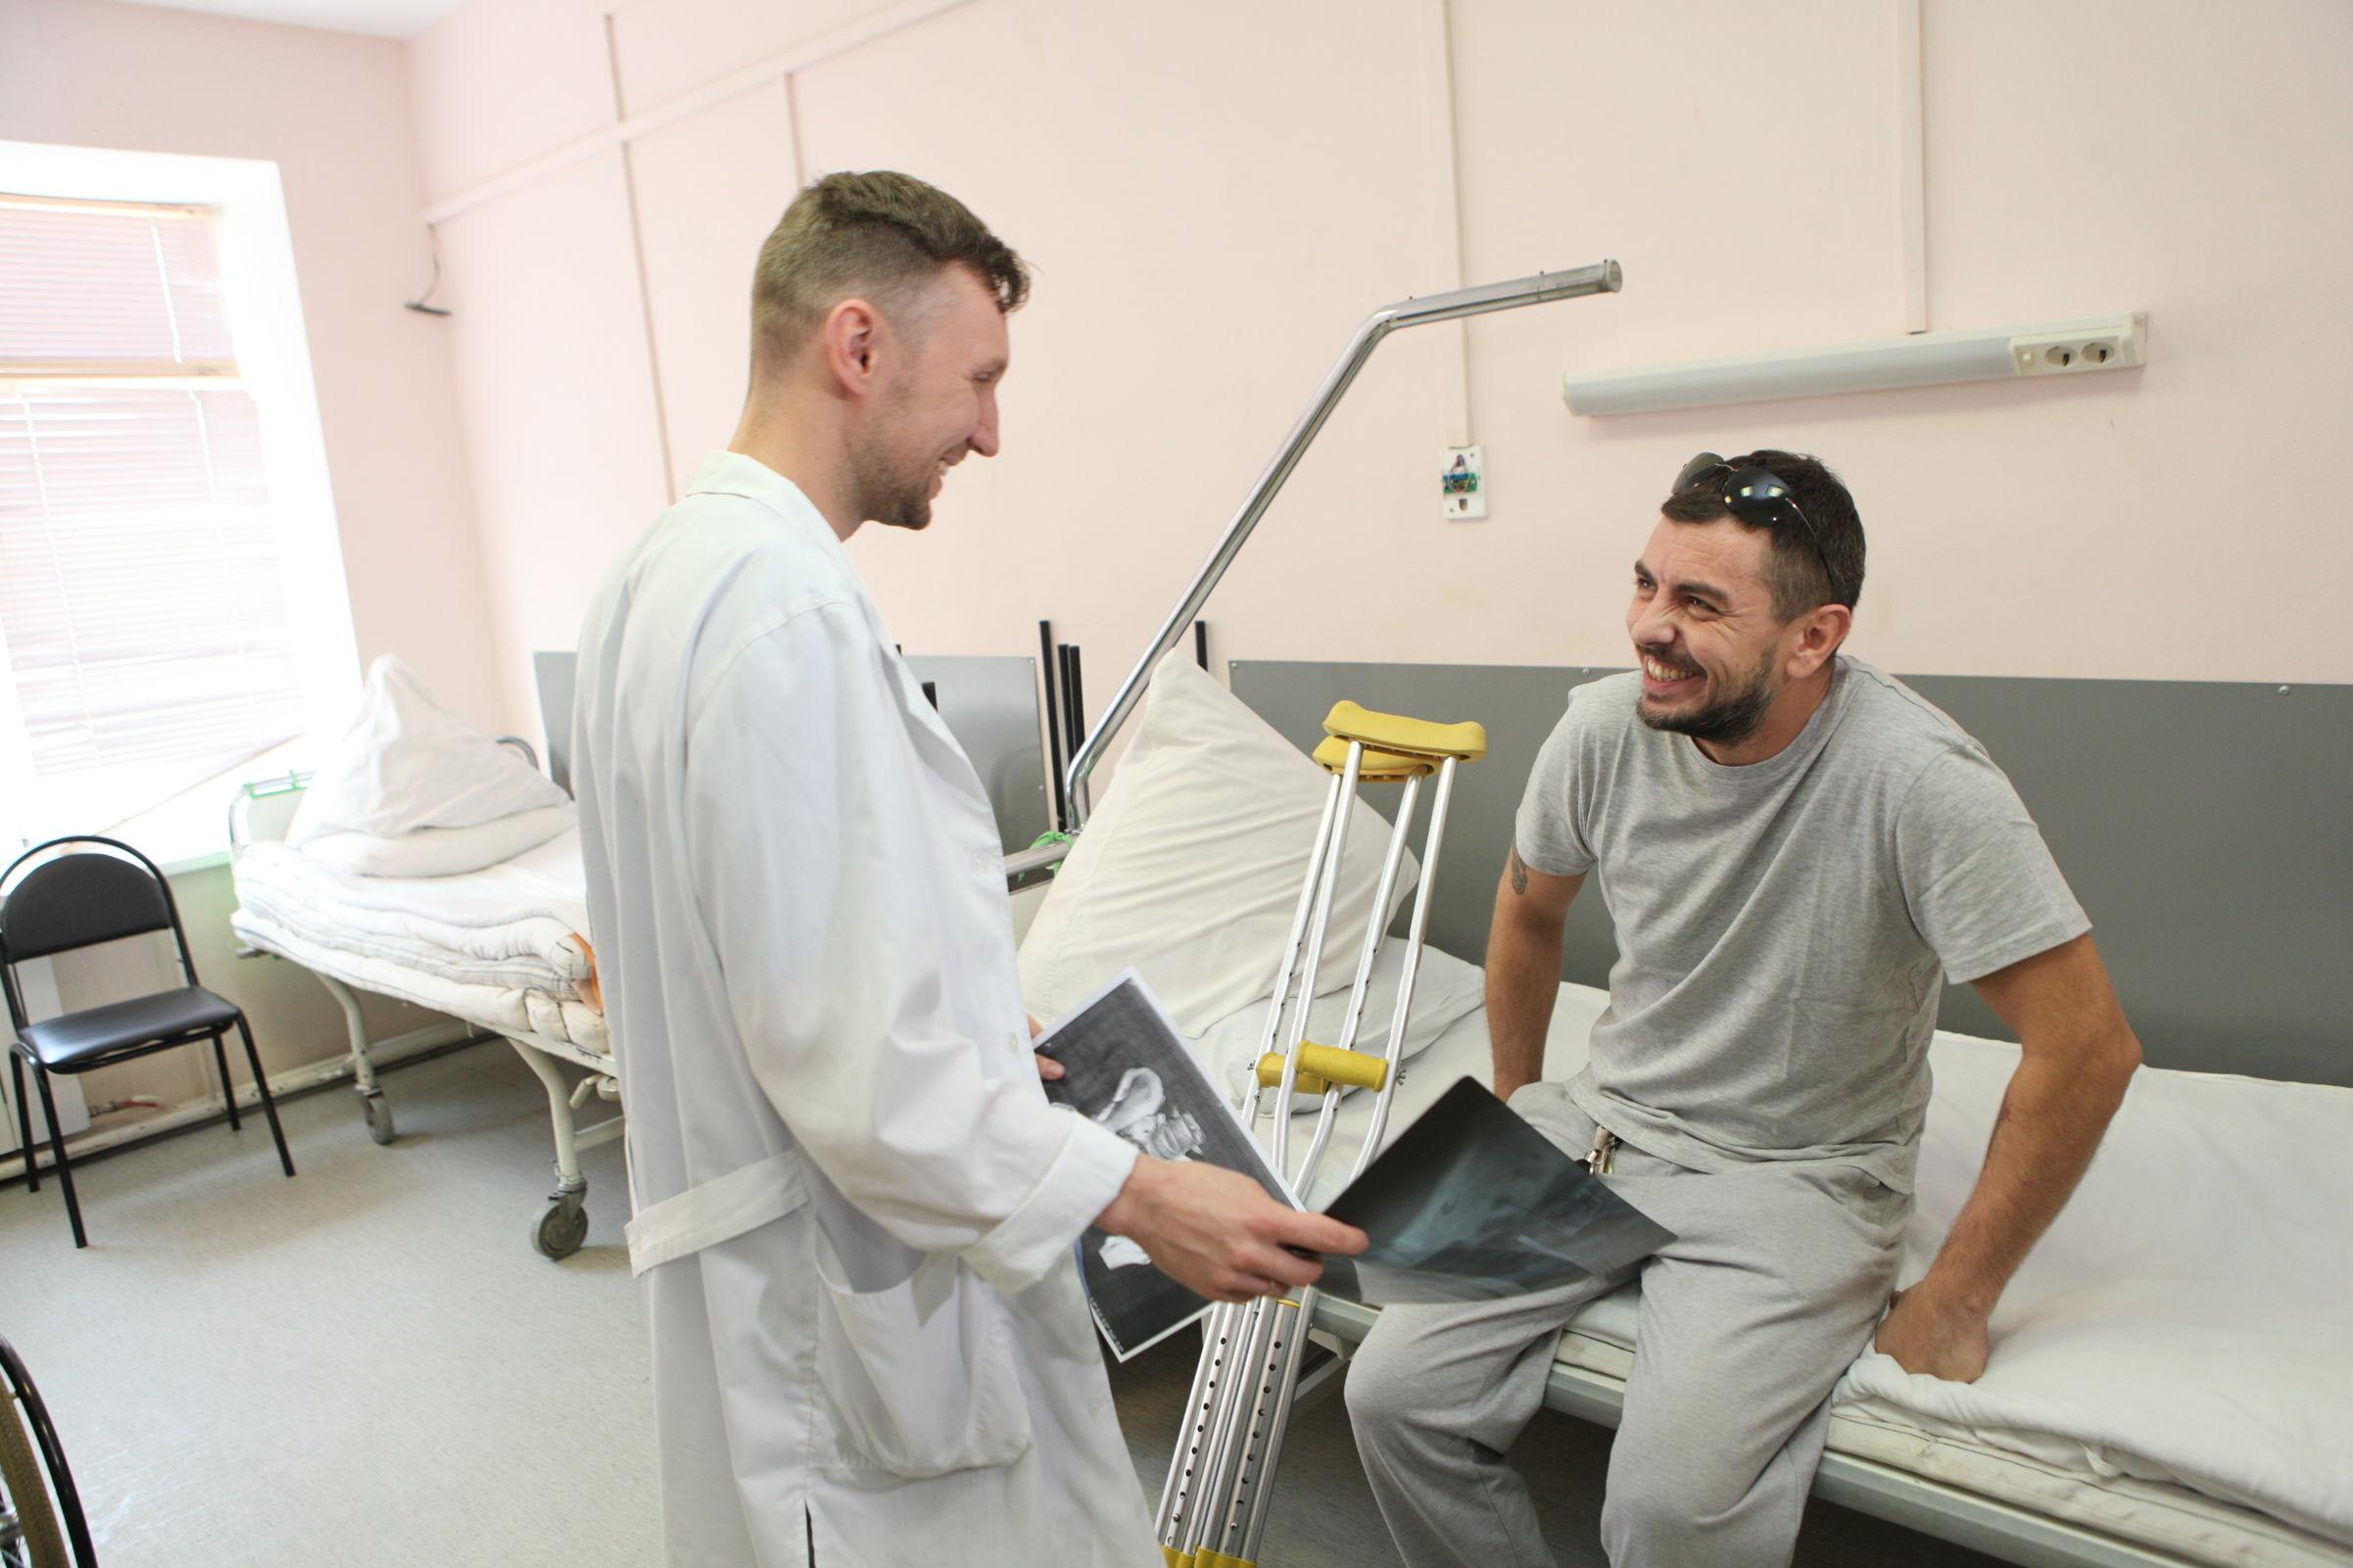 «Целебный гвоздь» из Соловьевки. В ярославской больнице разработали уникальный метод лечения переломов